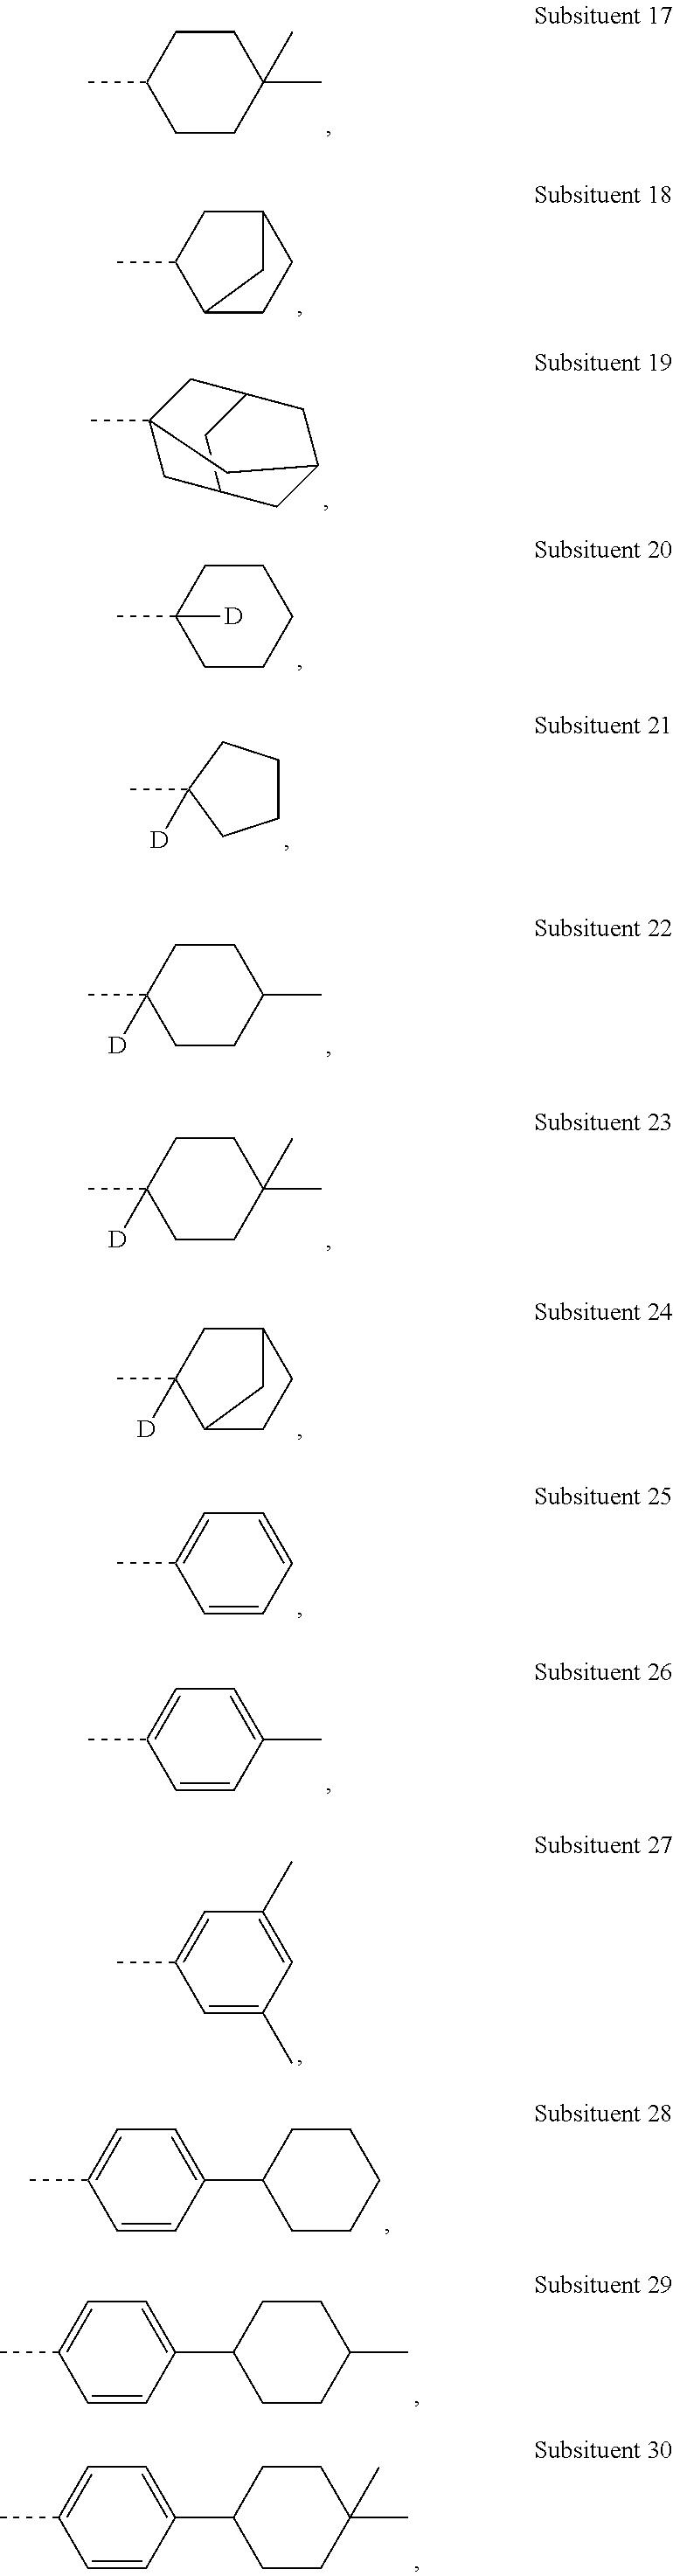 Figure US20170365801A1-20171221-C00017